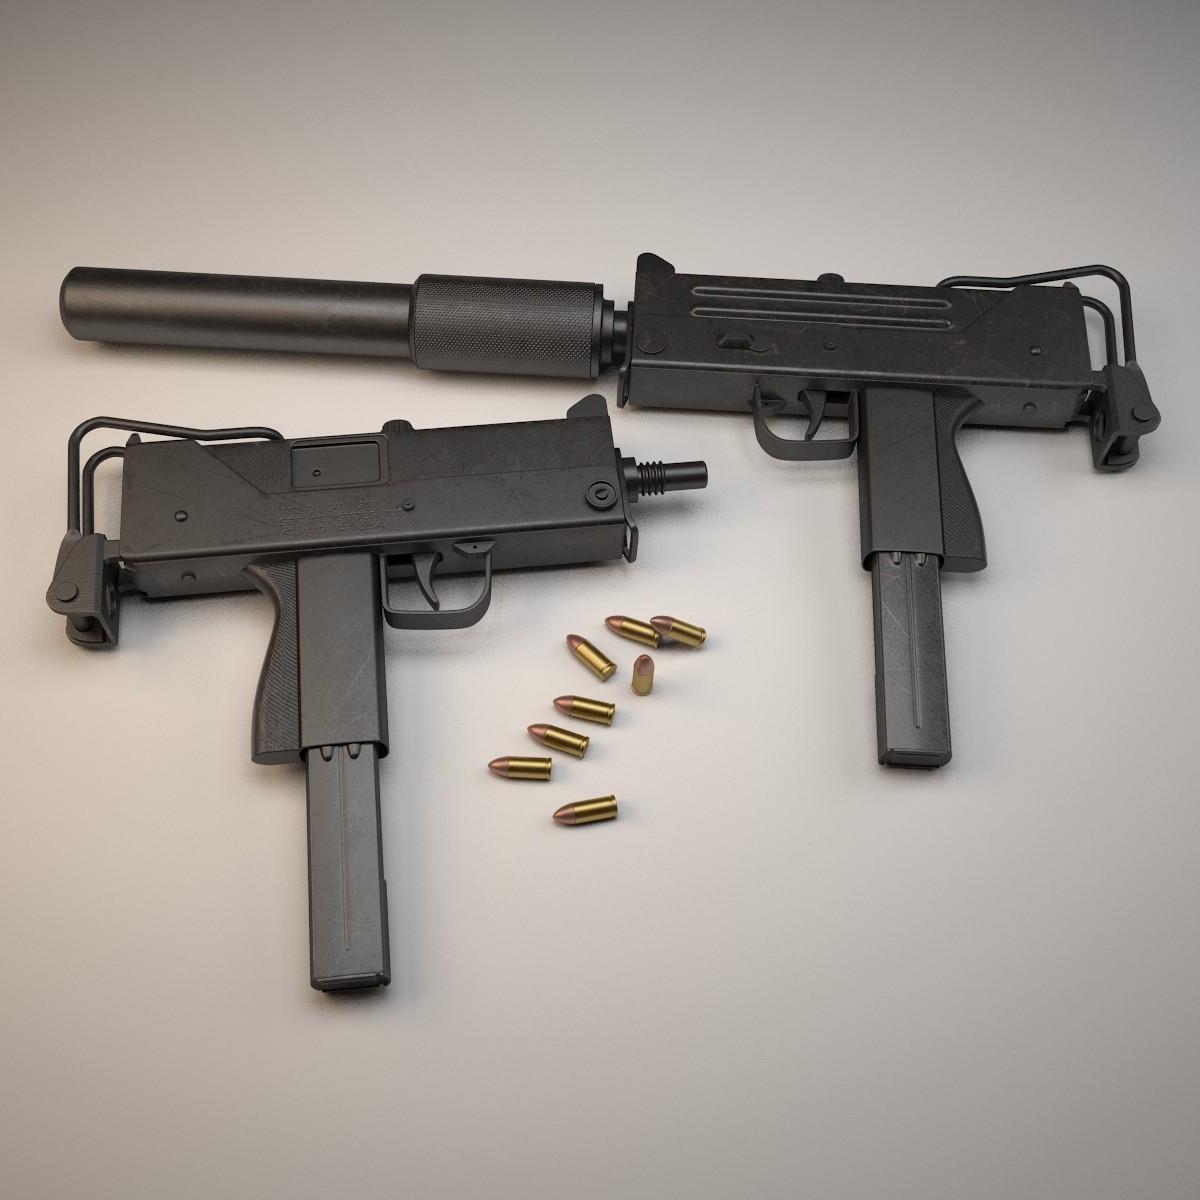 MAC-10 (англ. Military Armament Corporation Model 10, официально как M10) — компактный пистолет-пулемёт, разработанный Гордоном Б. Инграмом (англ. Gordon B. Ingram) в 1964 году.